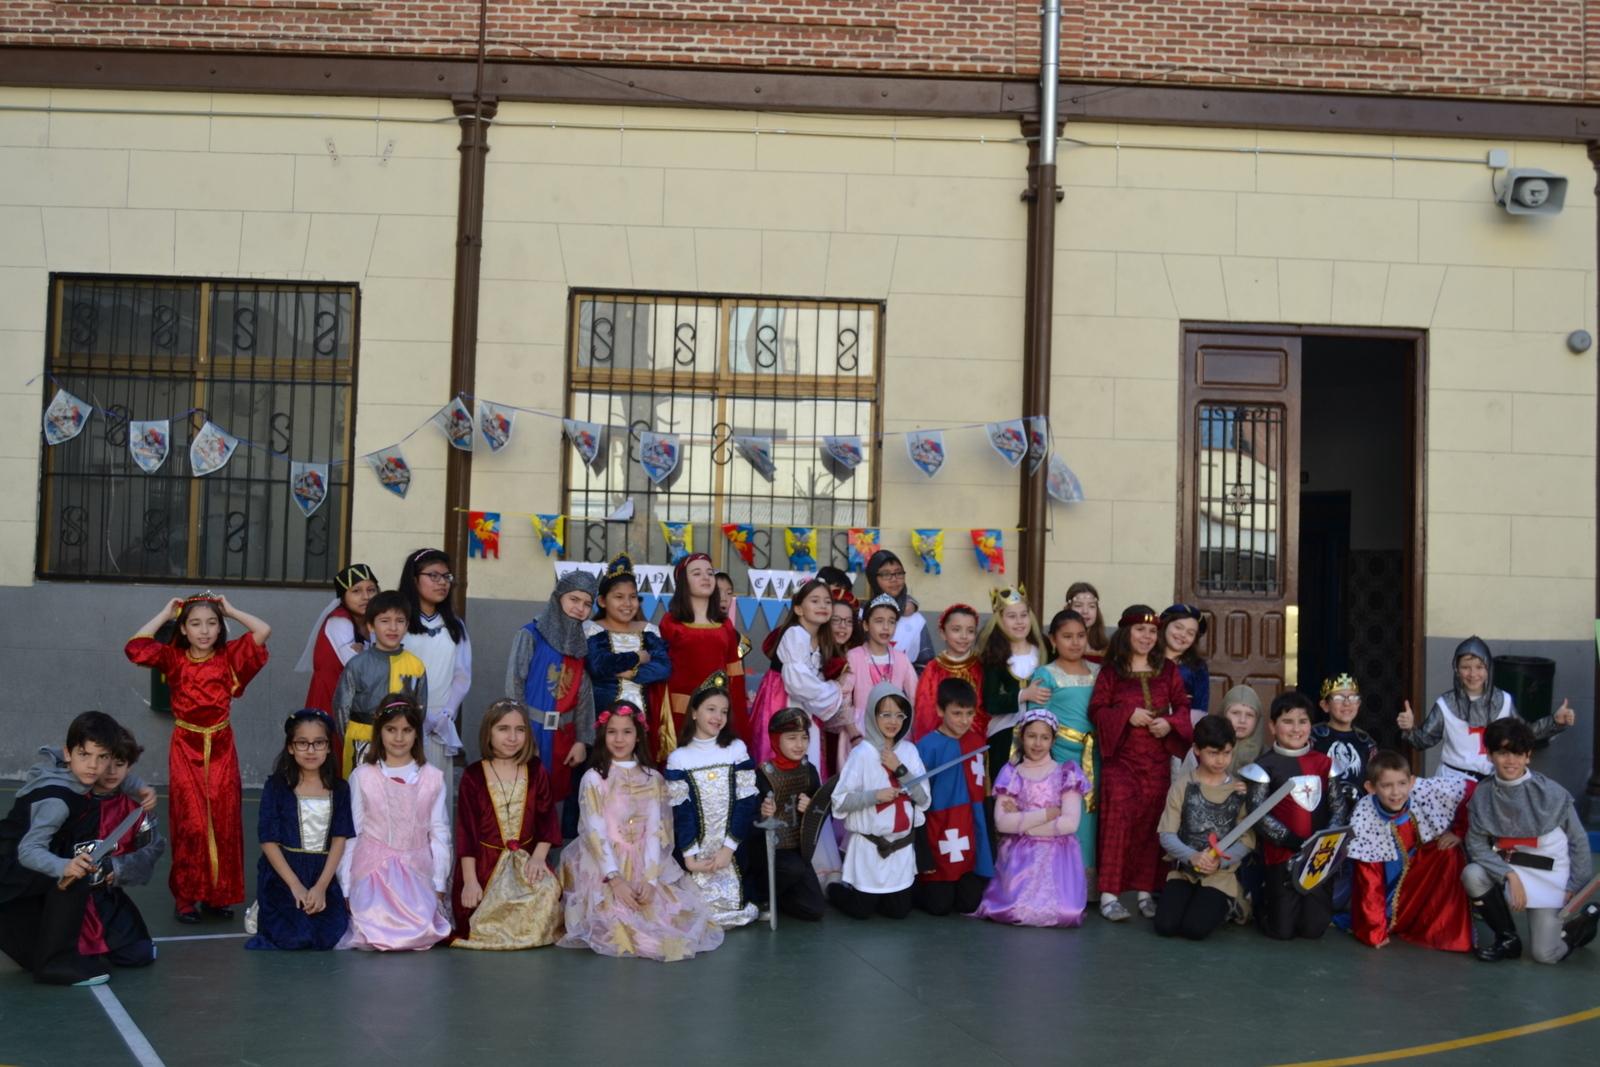 Jornadas Culturales y Depoortivas 2018 Exposiciones 2 48